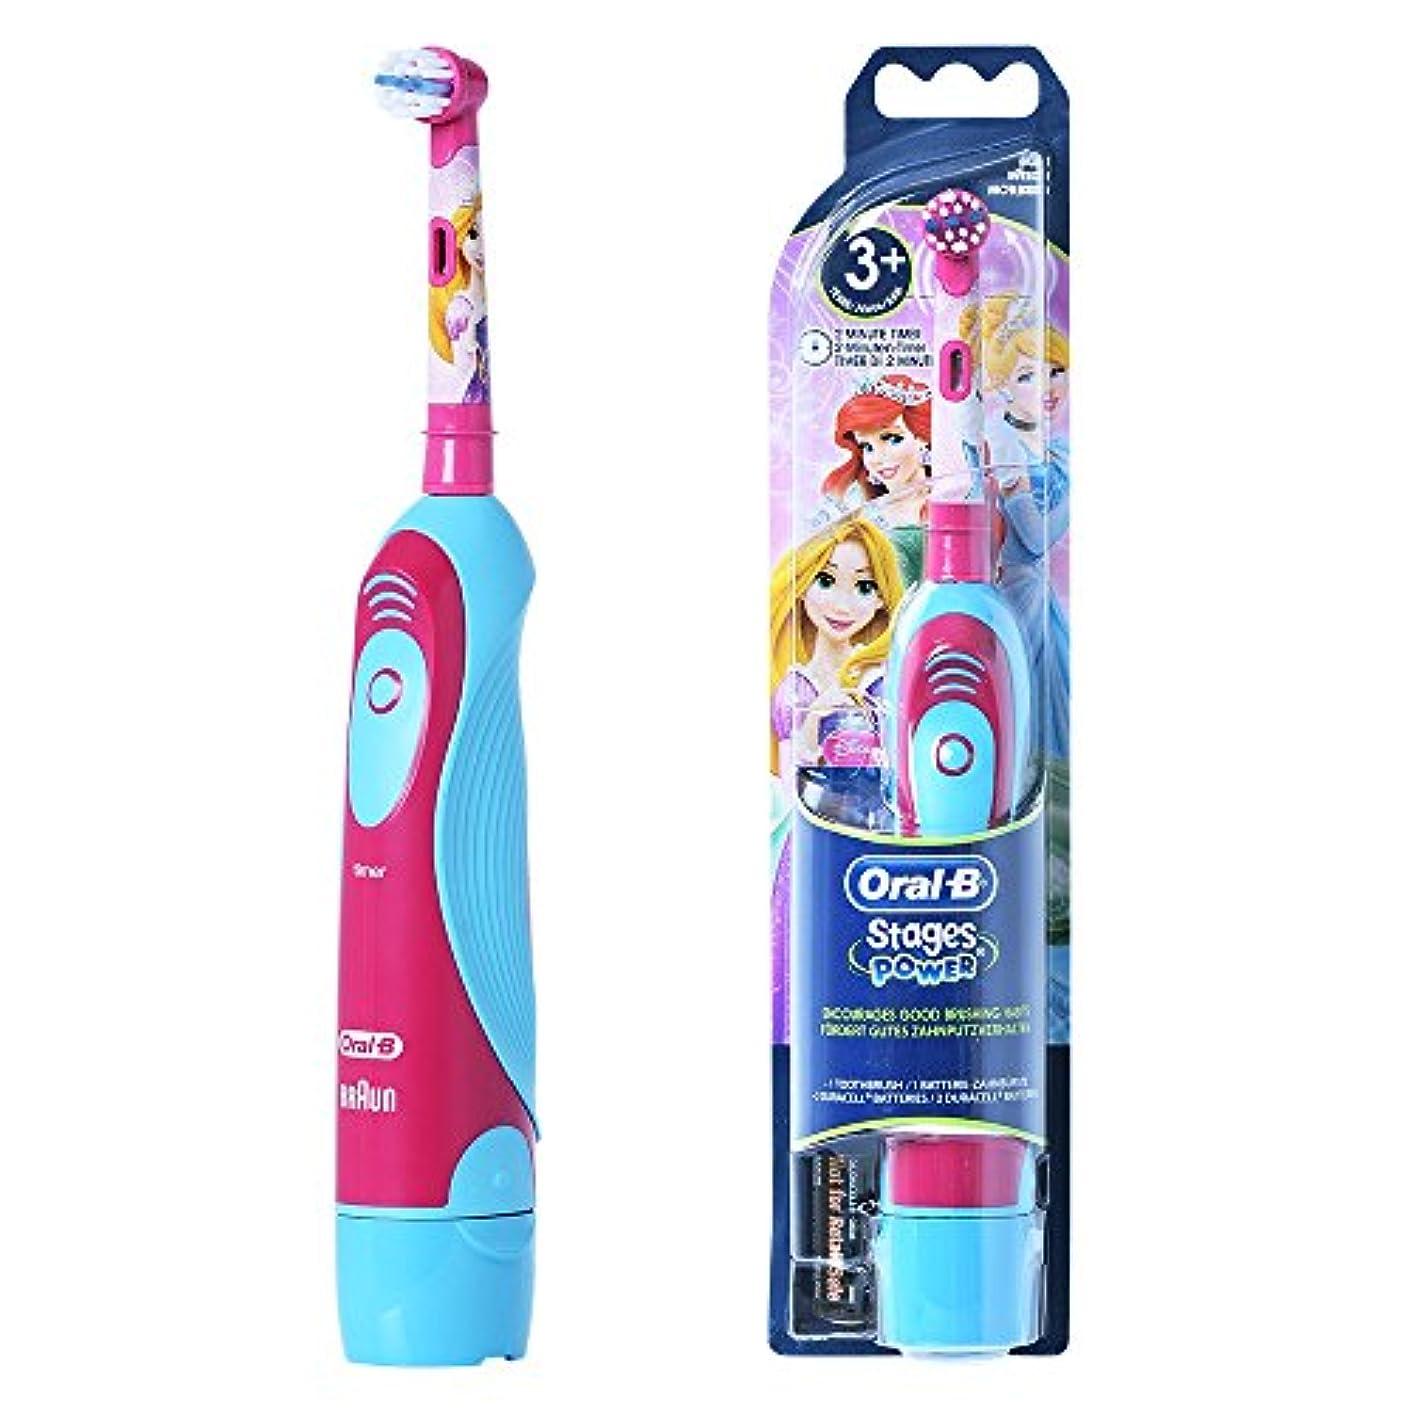 高速道路いわゆるどこにでもBraun Oral-B D2 D2010 Disney Princess Kids 電動歯ブラシ [並行輸入品]